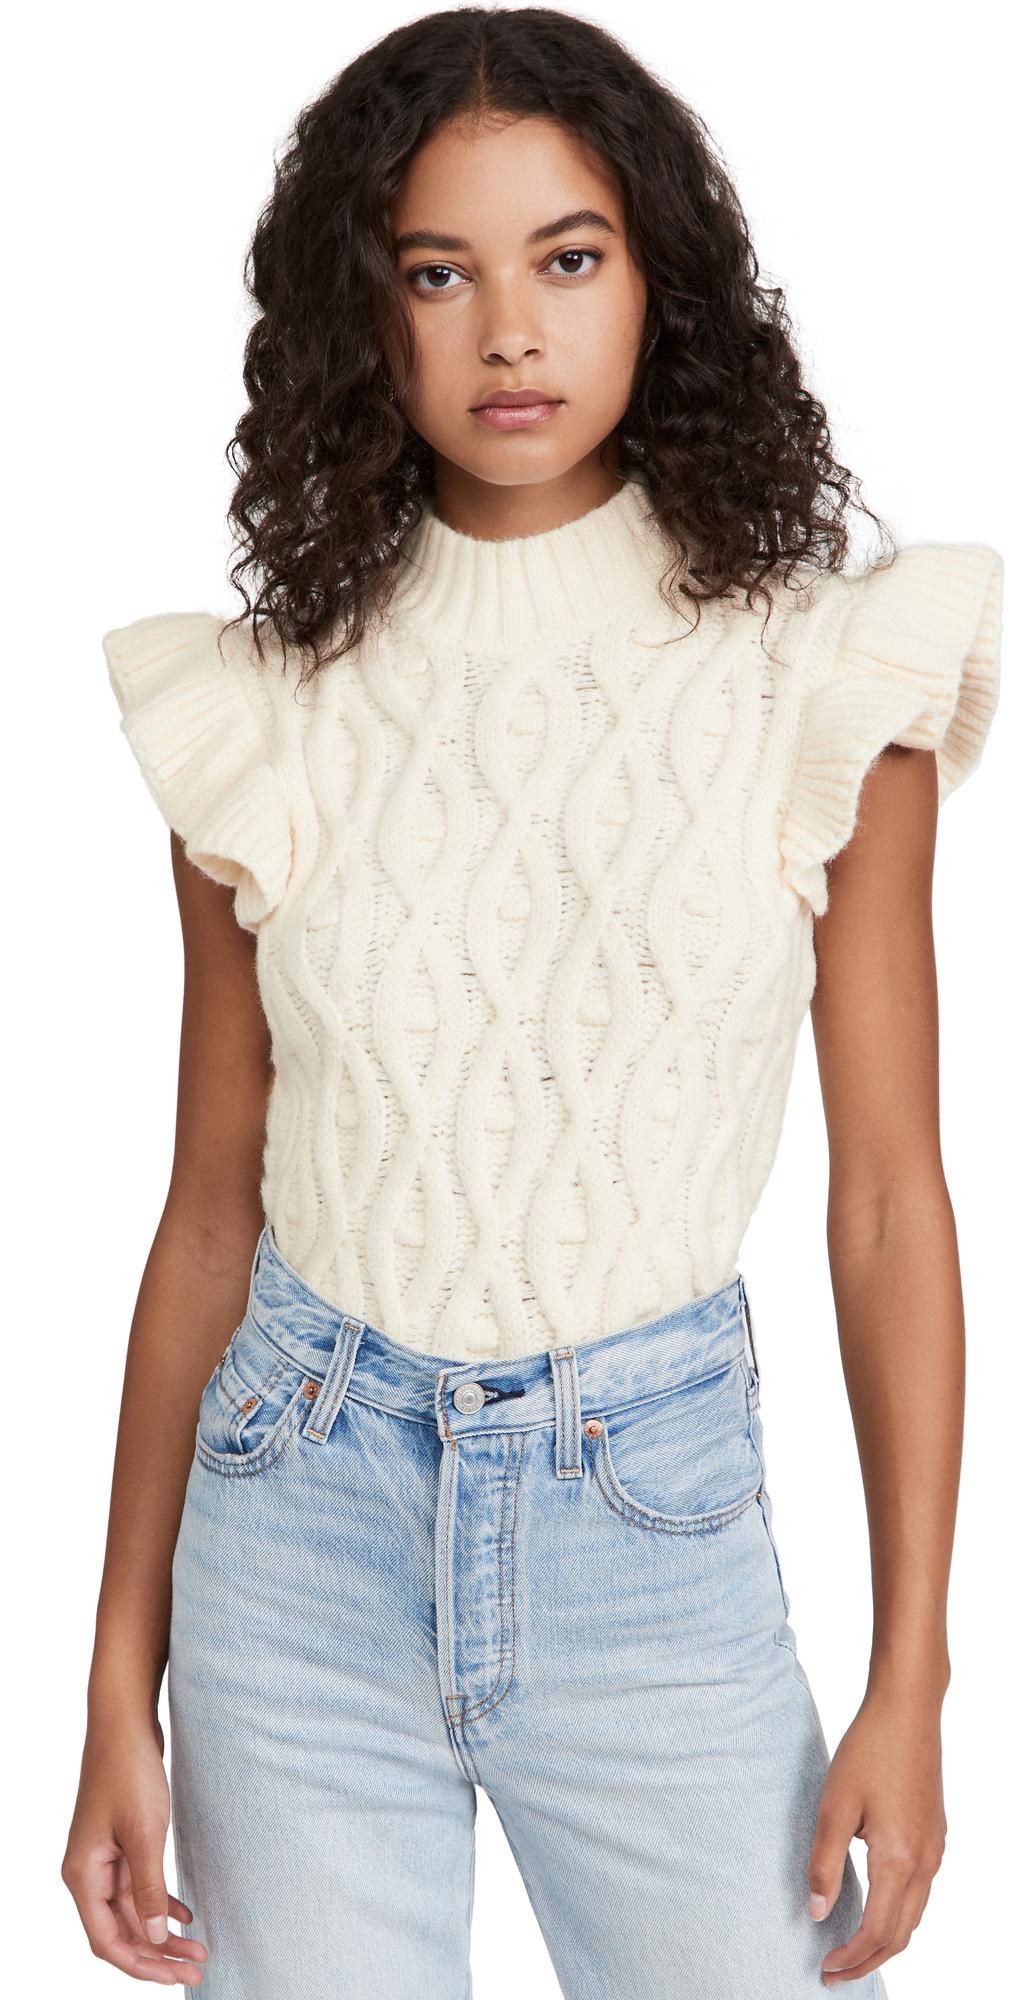 Erica Ruffle Sweater Top